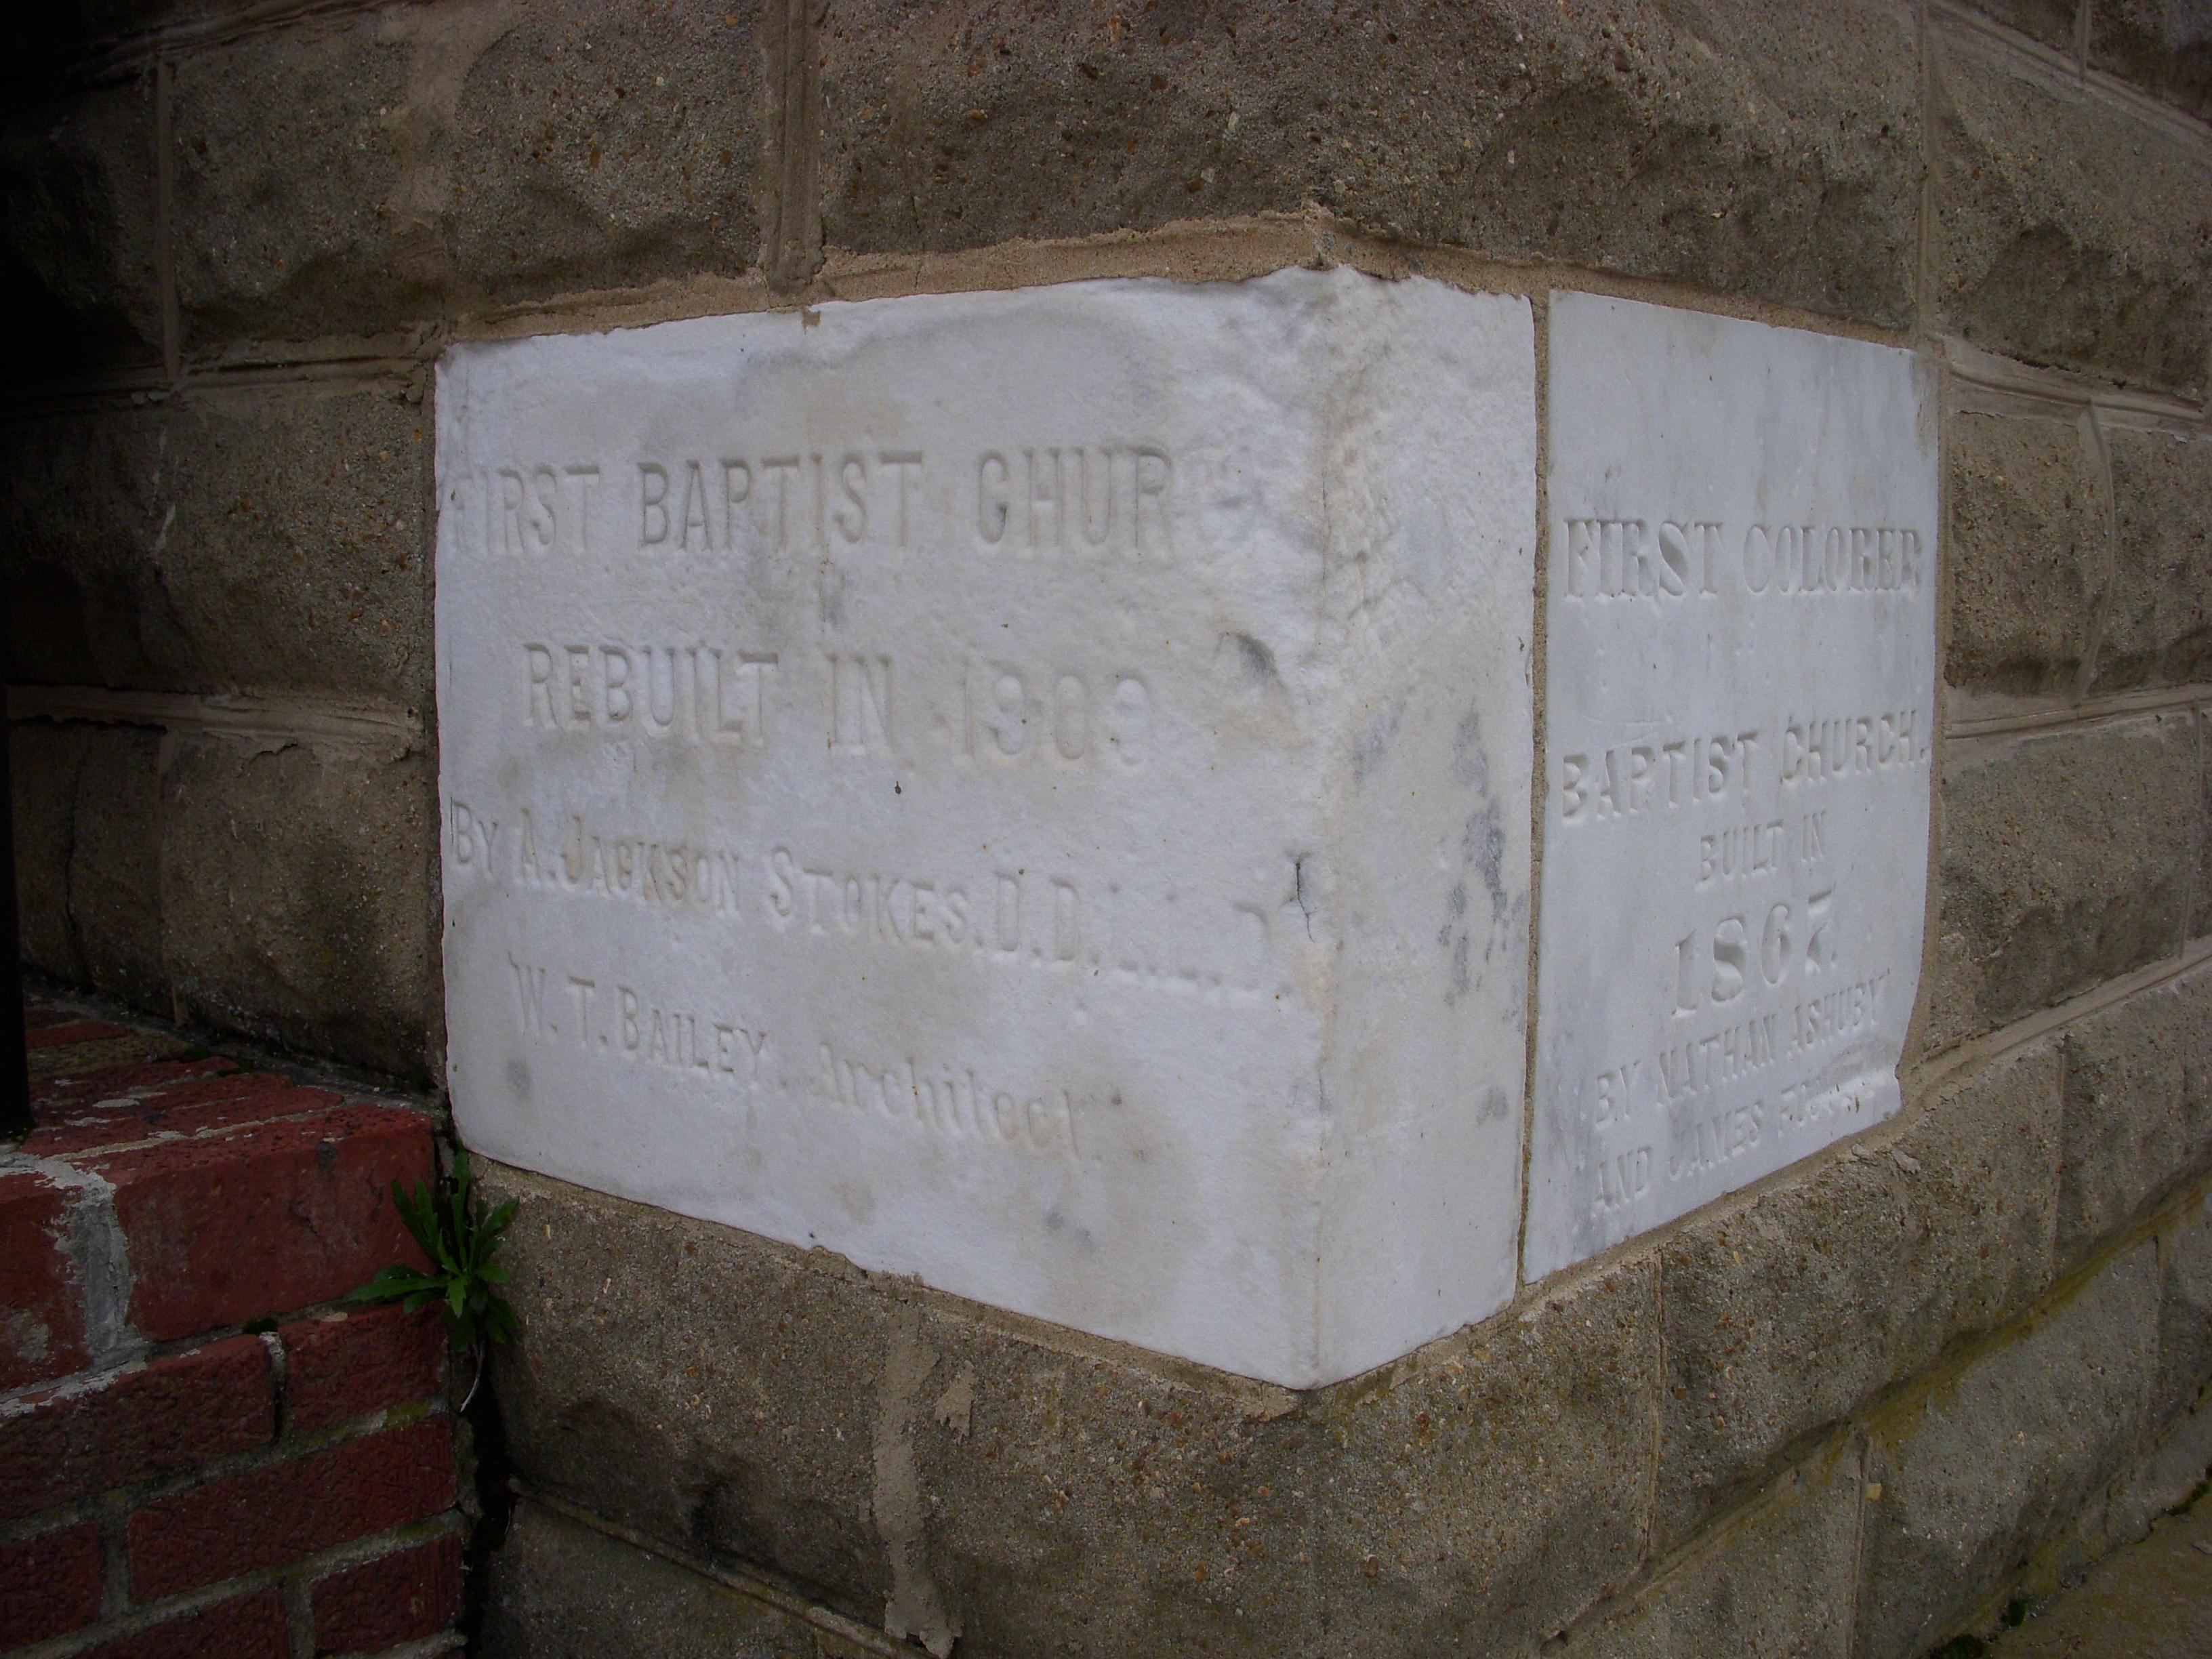 File:Baptist montgomery cornerstone.JPG